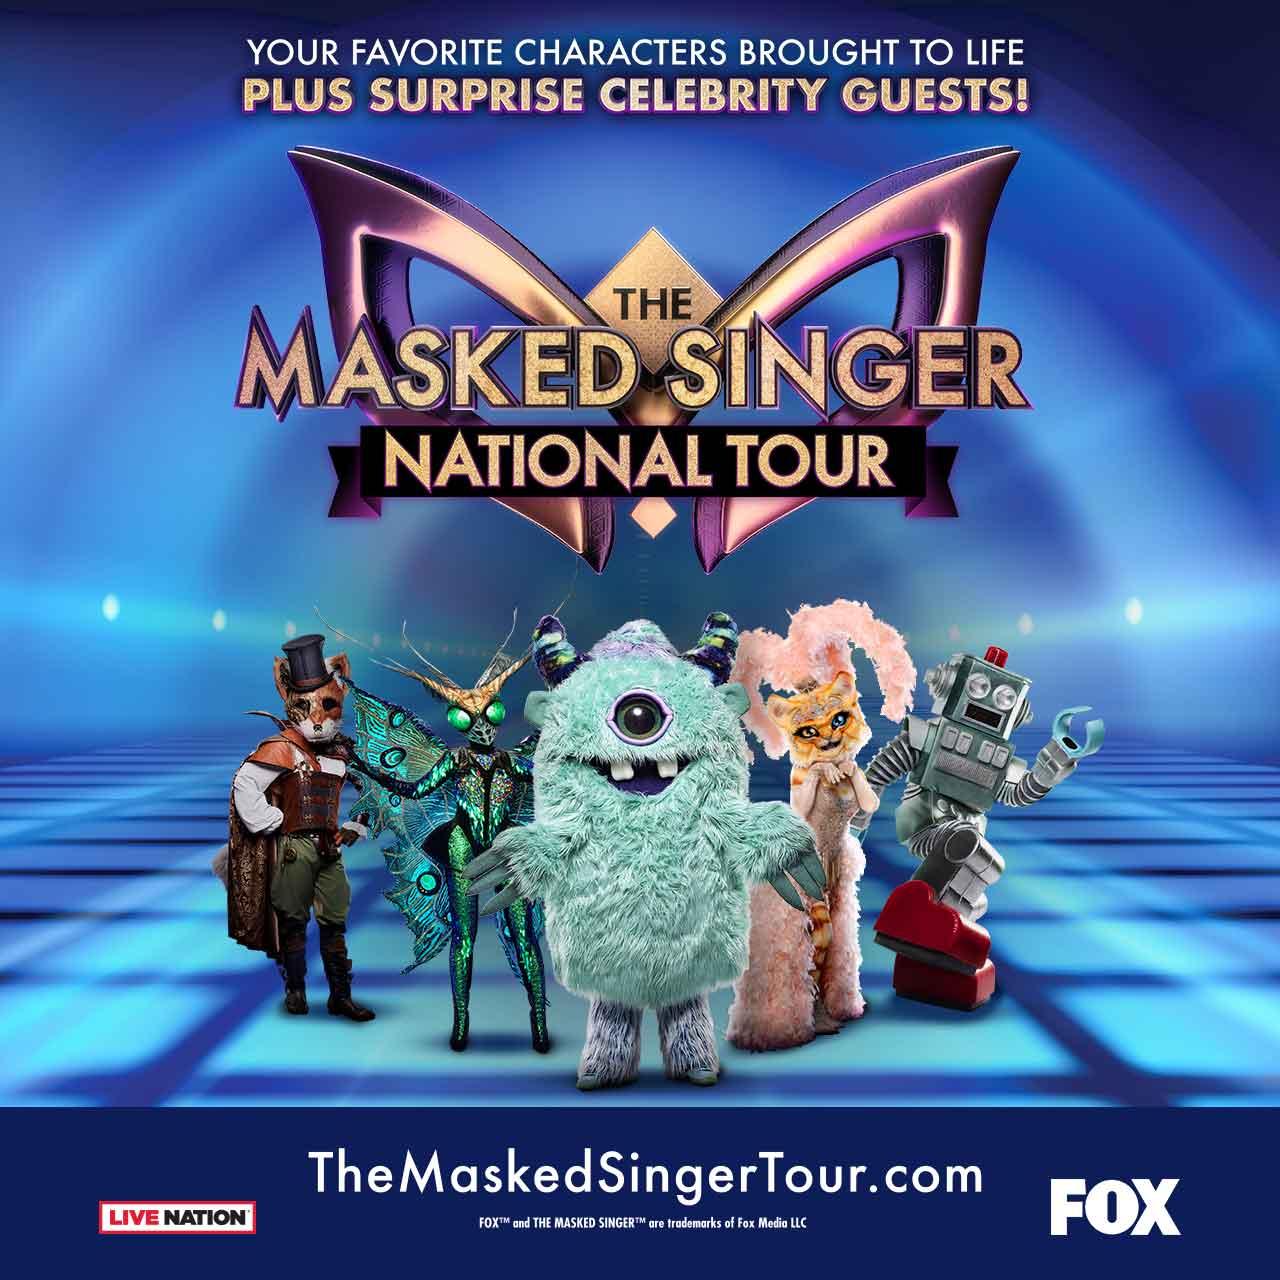 The Masked Singer Live